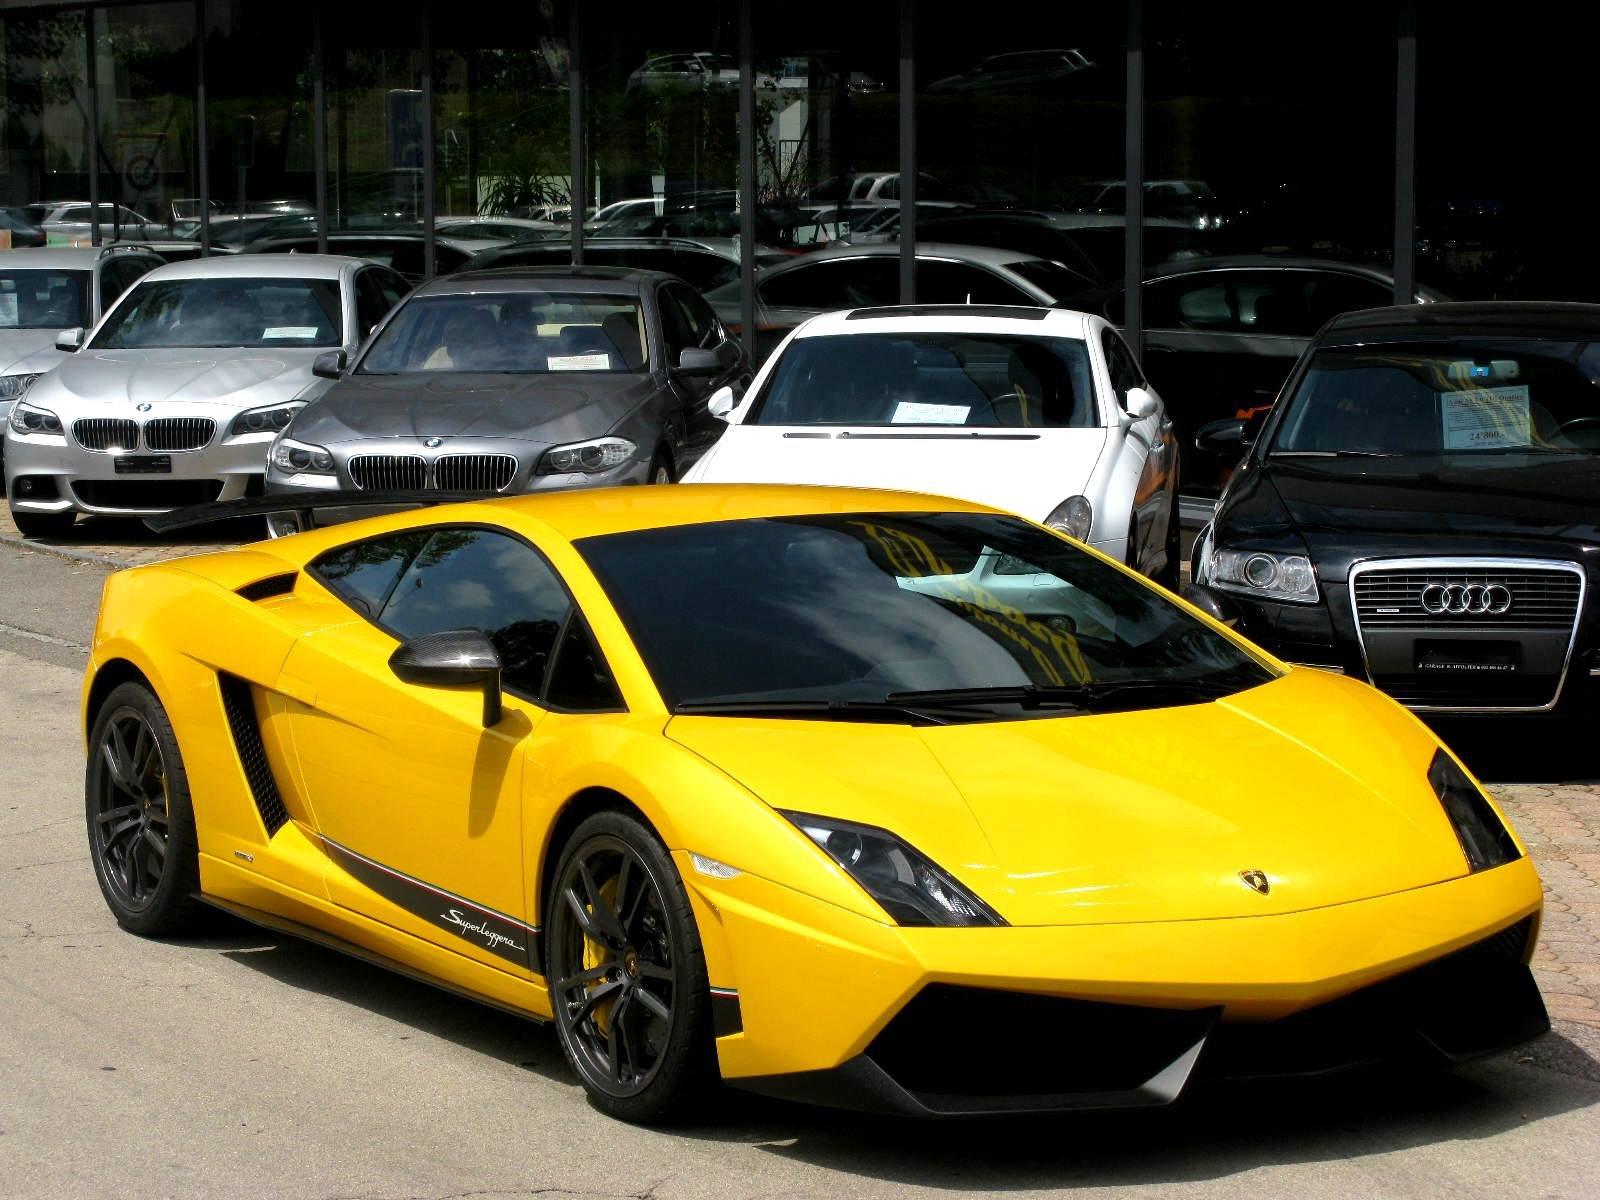 Lamborghini Diablo Wallpaper Hd Lamborghini Gallardo Lp570 4 Superleggera Italian Dreamcar